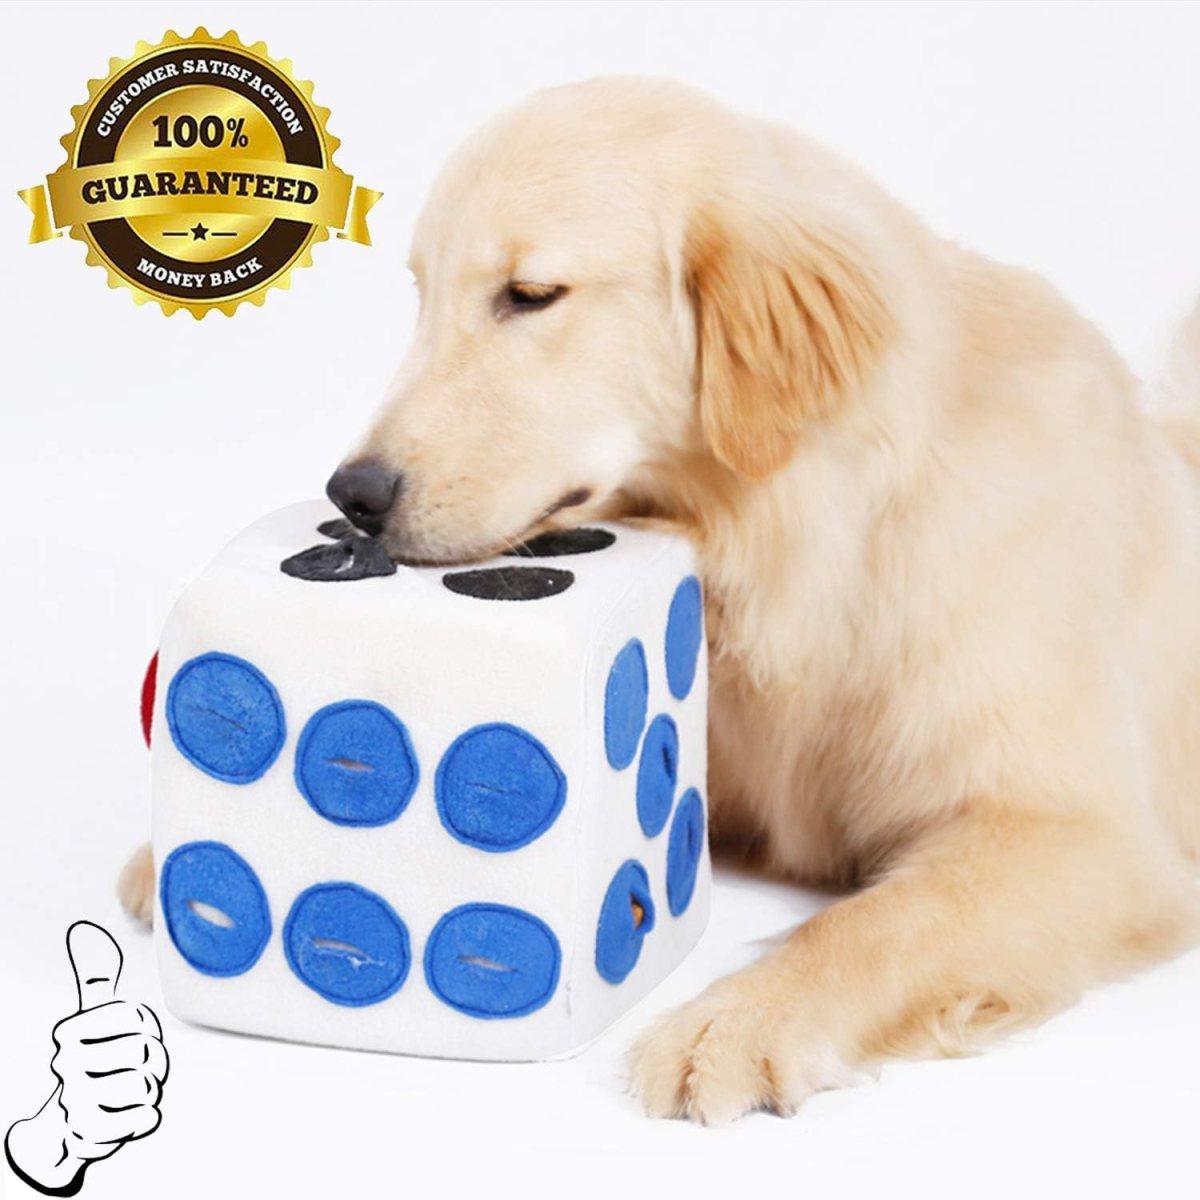 Sunshine smile colchonetas de alimentación para Perros,Dog Snuffle Mat,Alfombra olfativa para Perros,Snuffle Mat para Perros